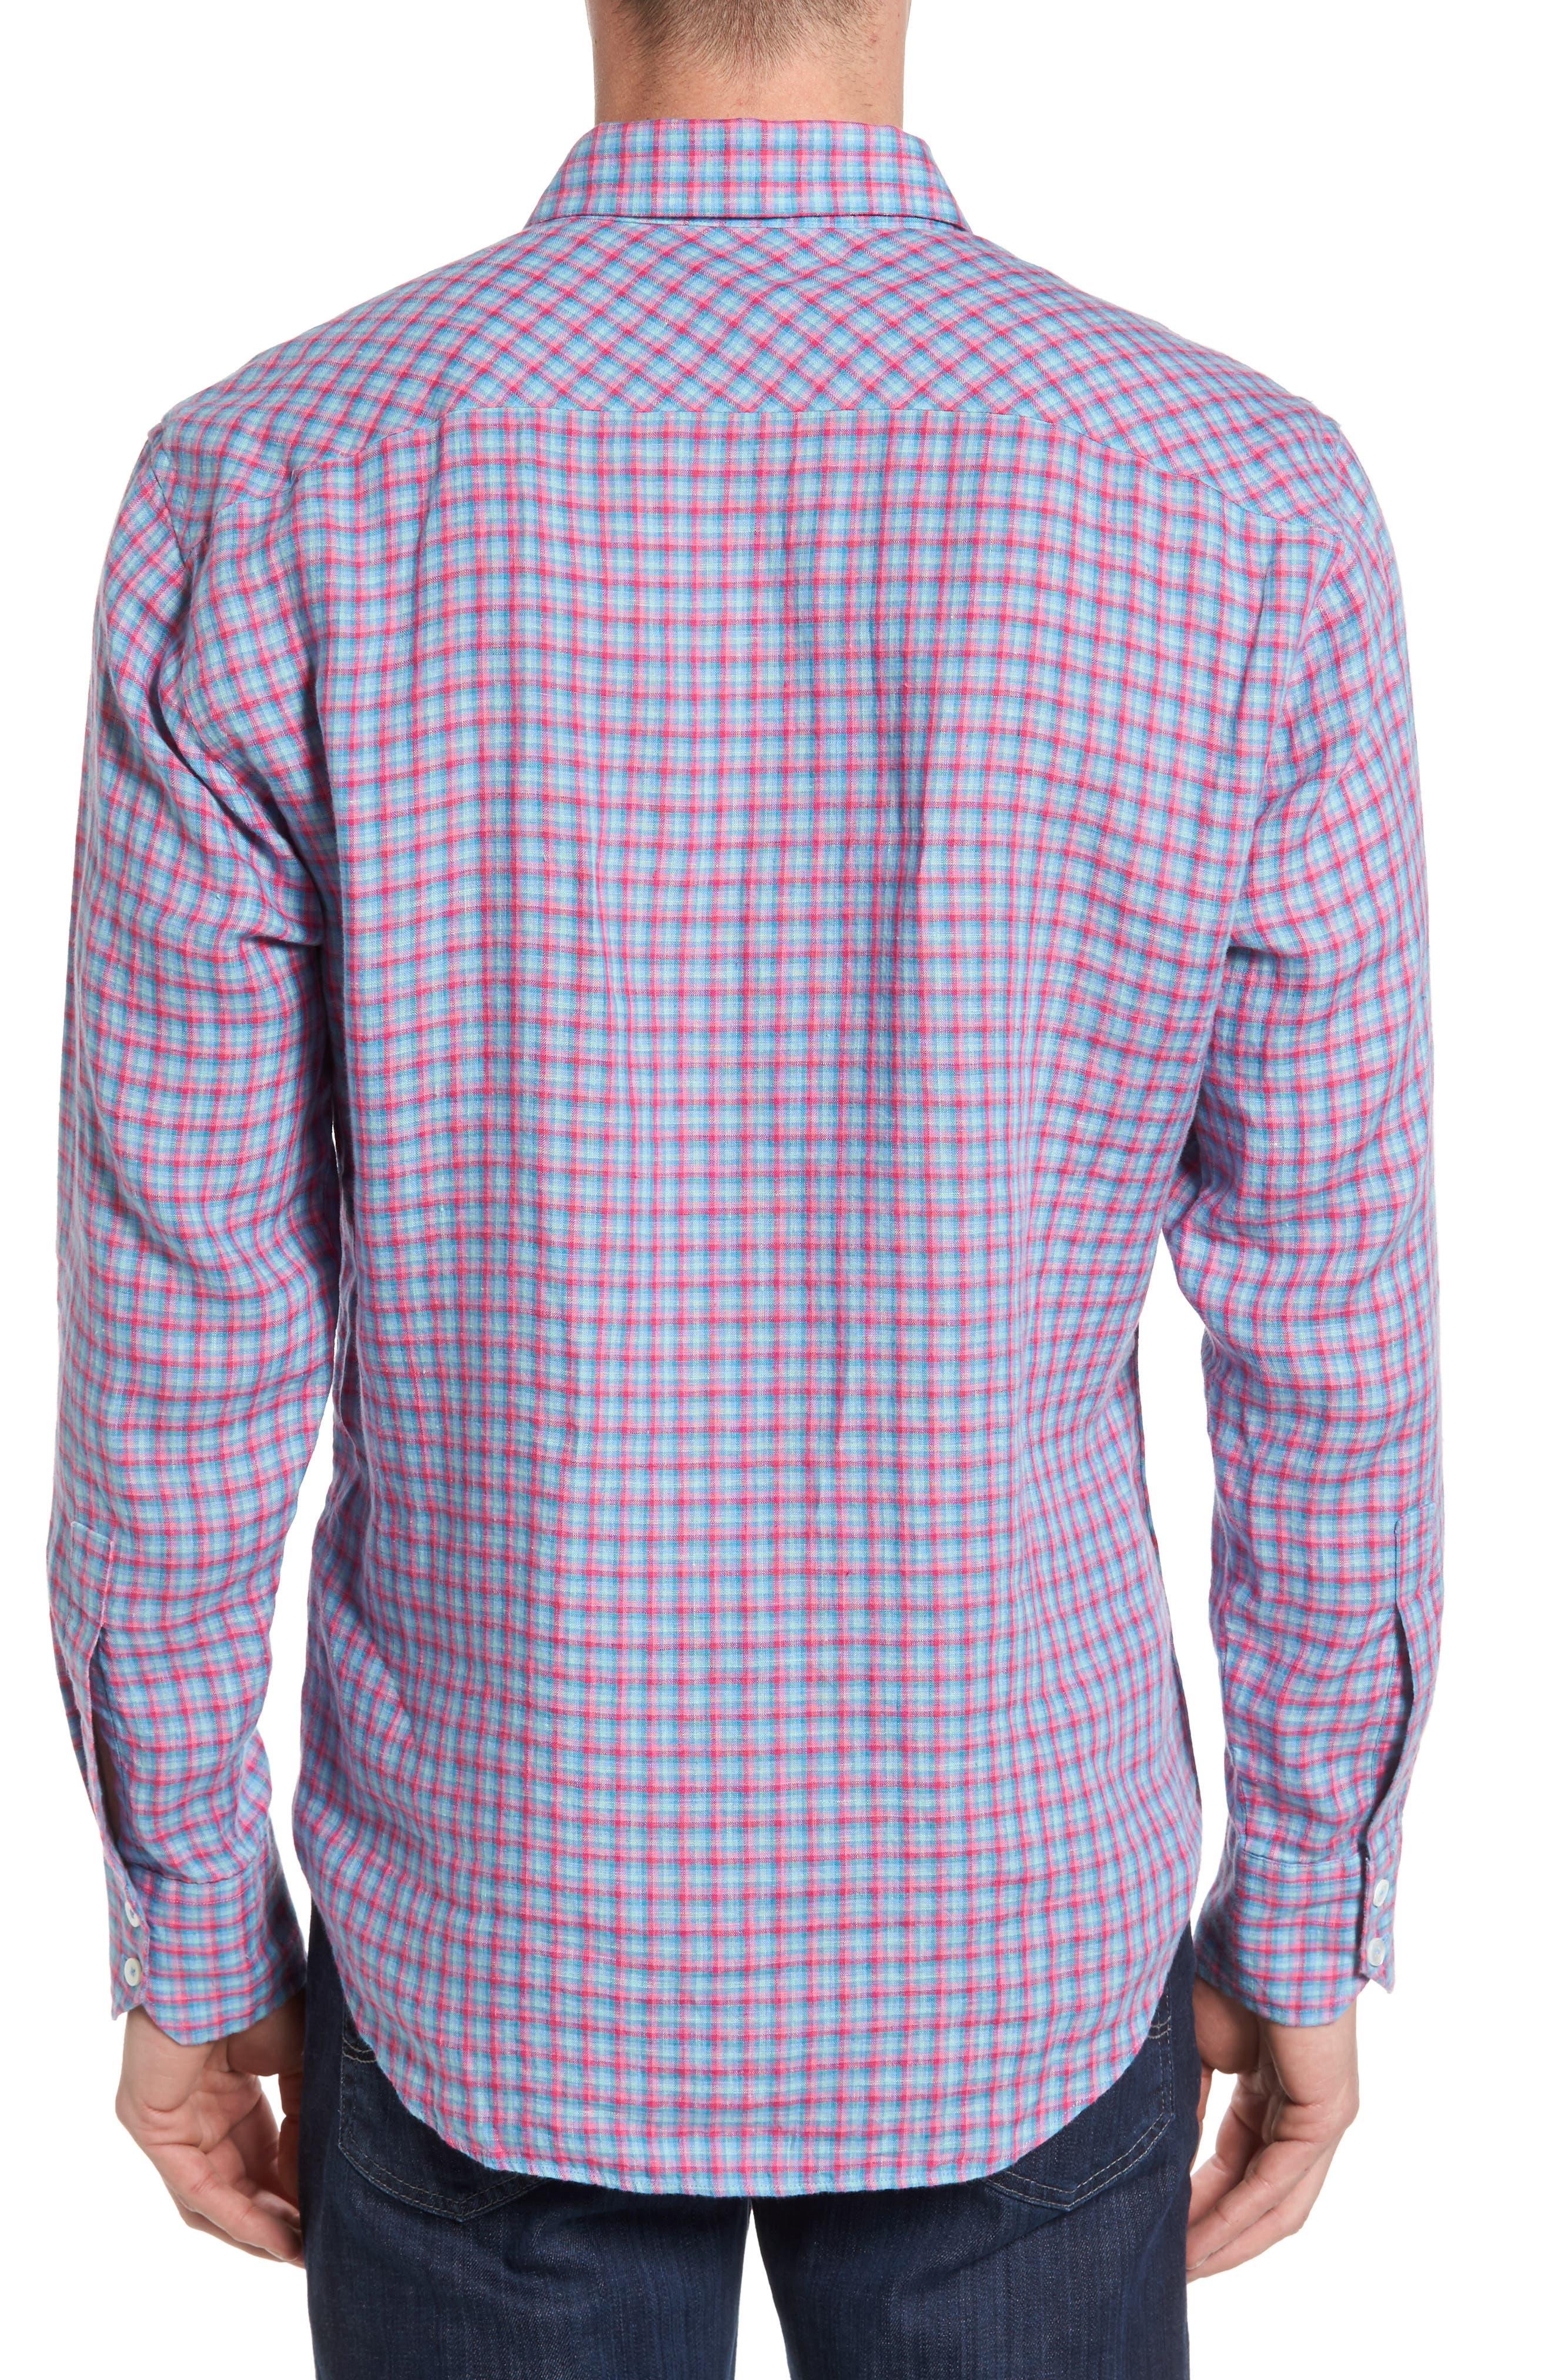 Althoff Plaid Linen Sport Shirt,                             Alternate thumbnail 2, color,                             PINK